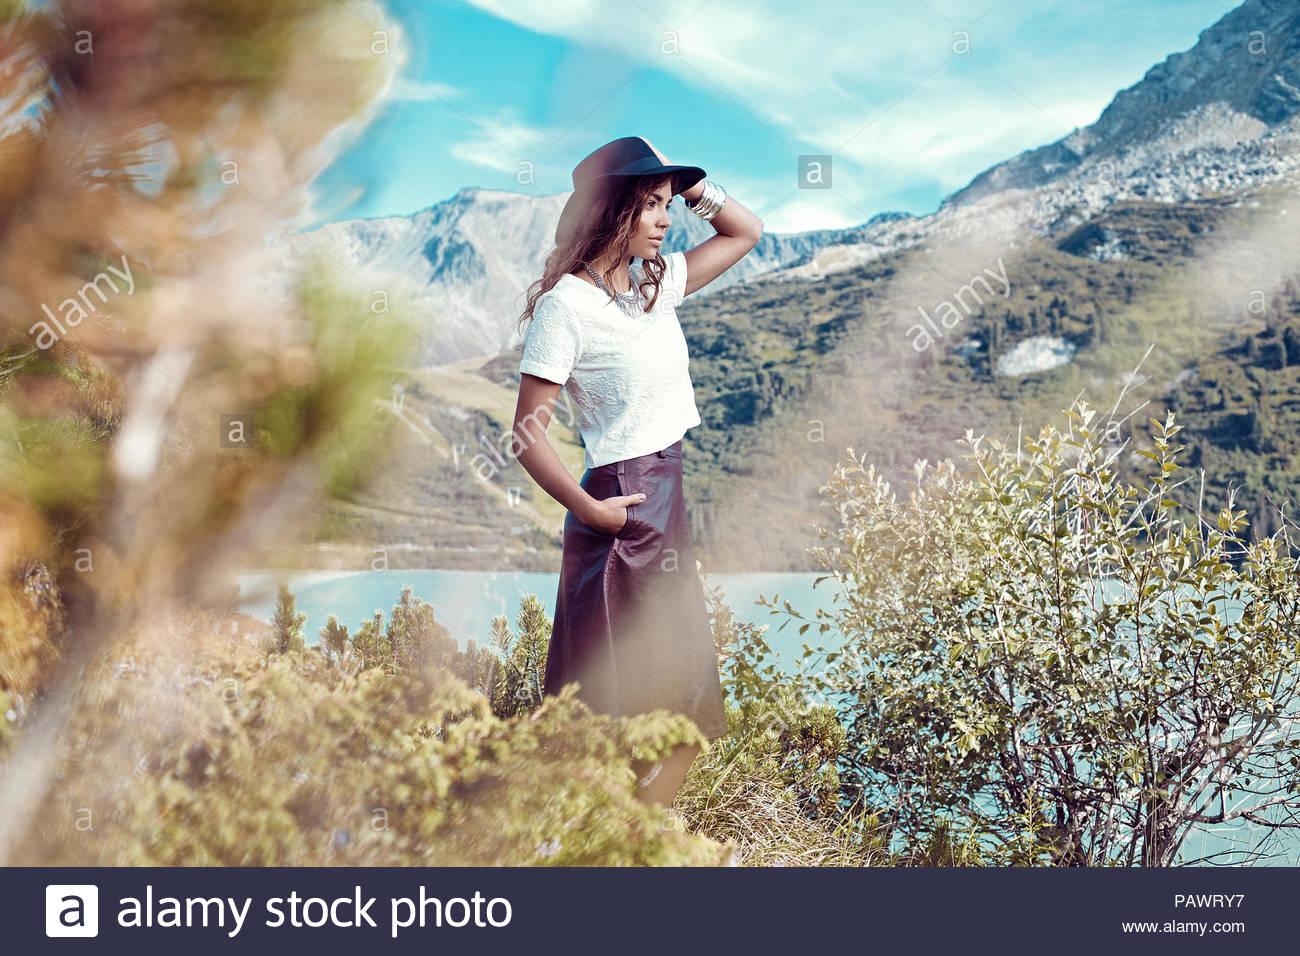 Une femme en vêtements décontractés posant sur un champ sur une journée ensoleillée Photo Stock